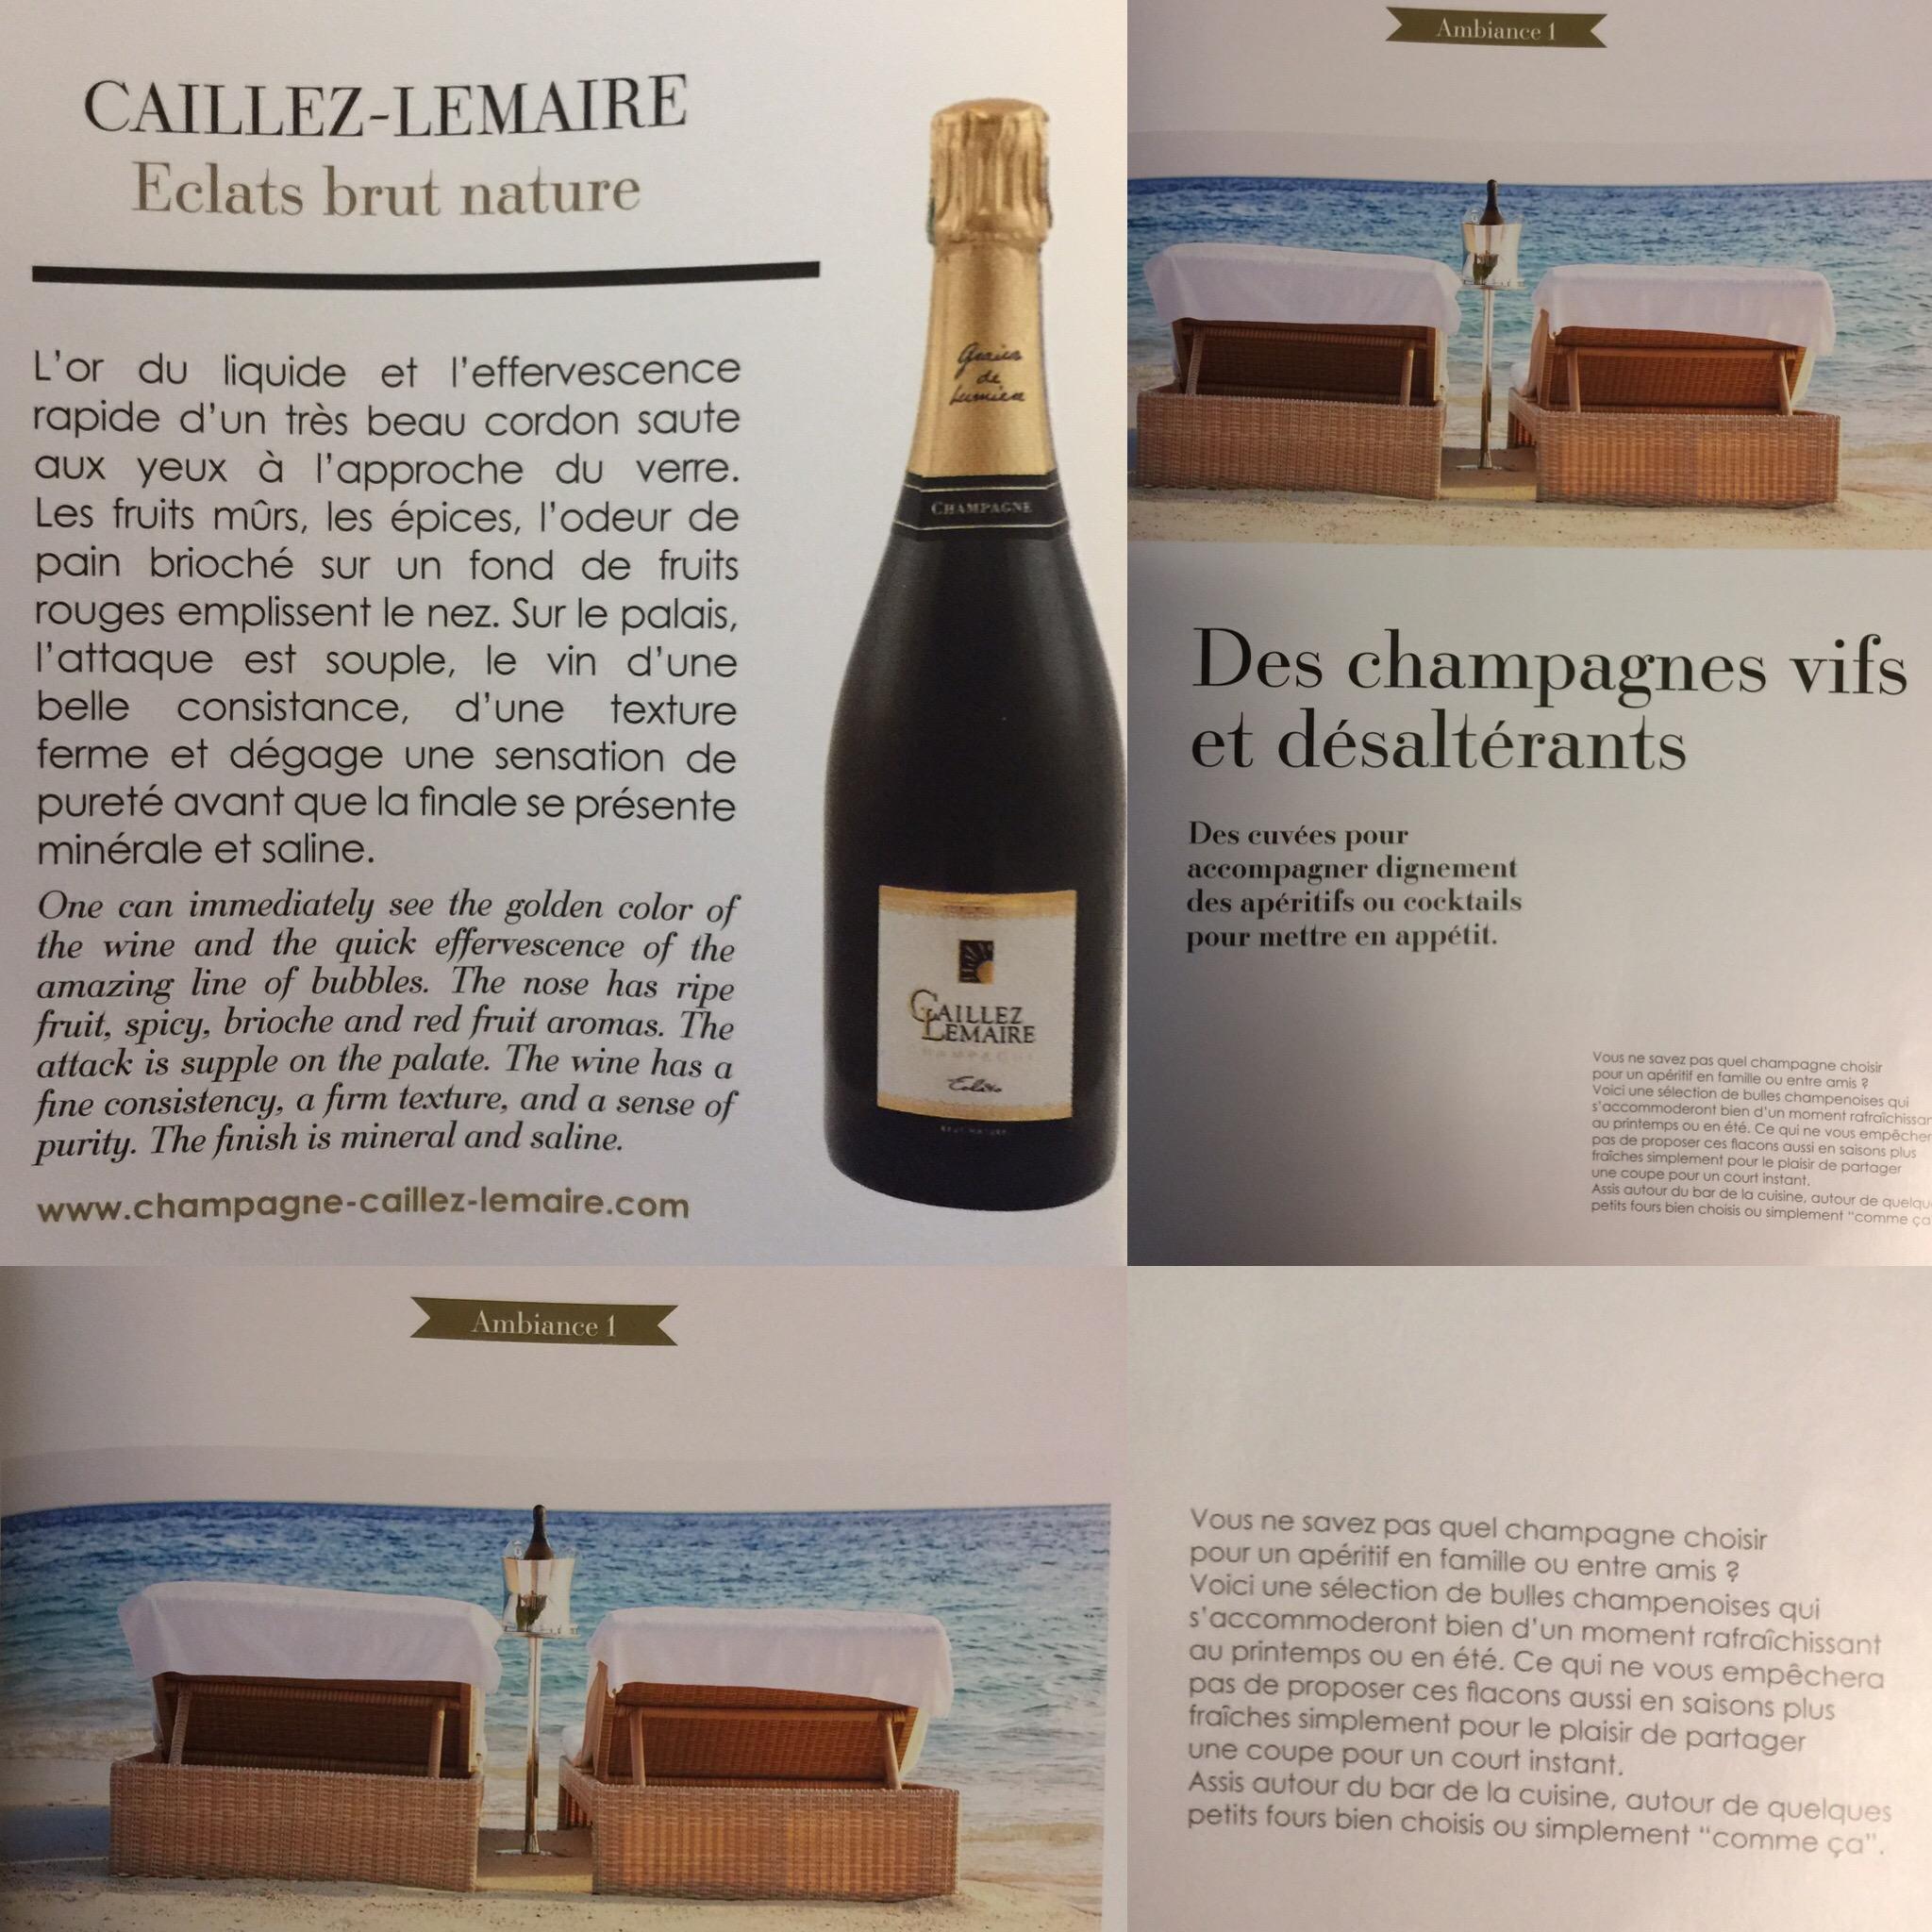 Champagne vif et désaltérant, Eclats brut nature